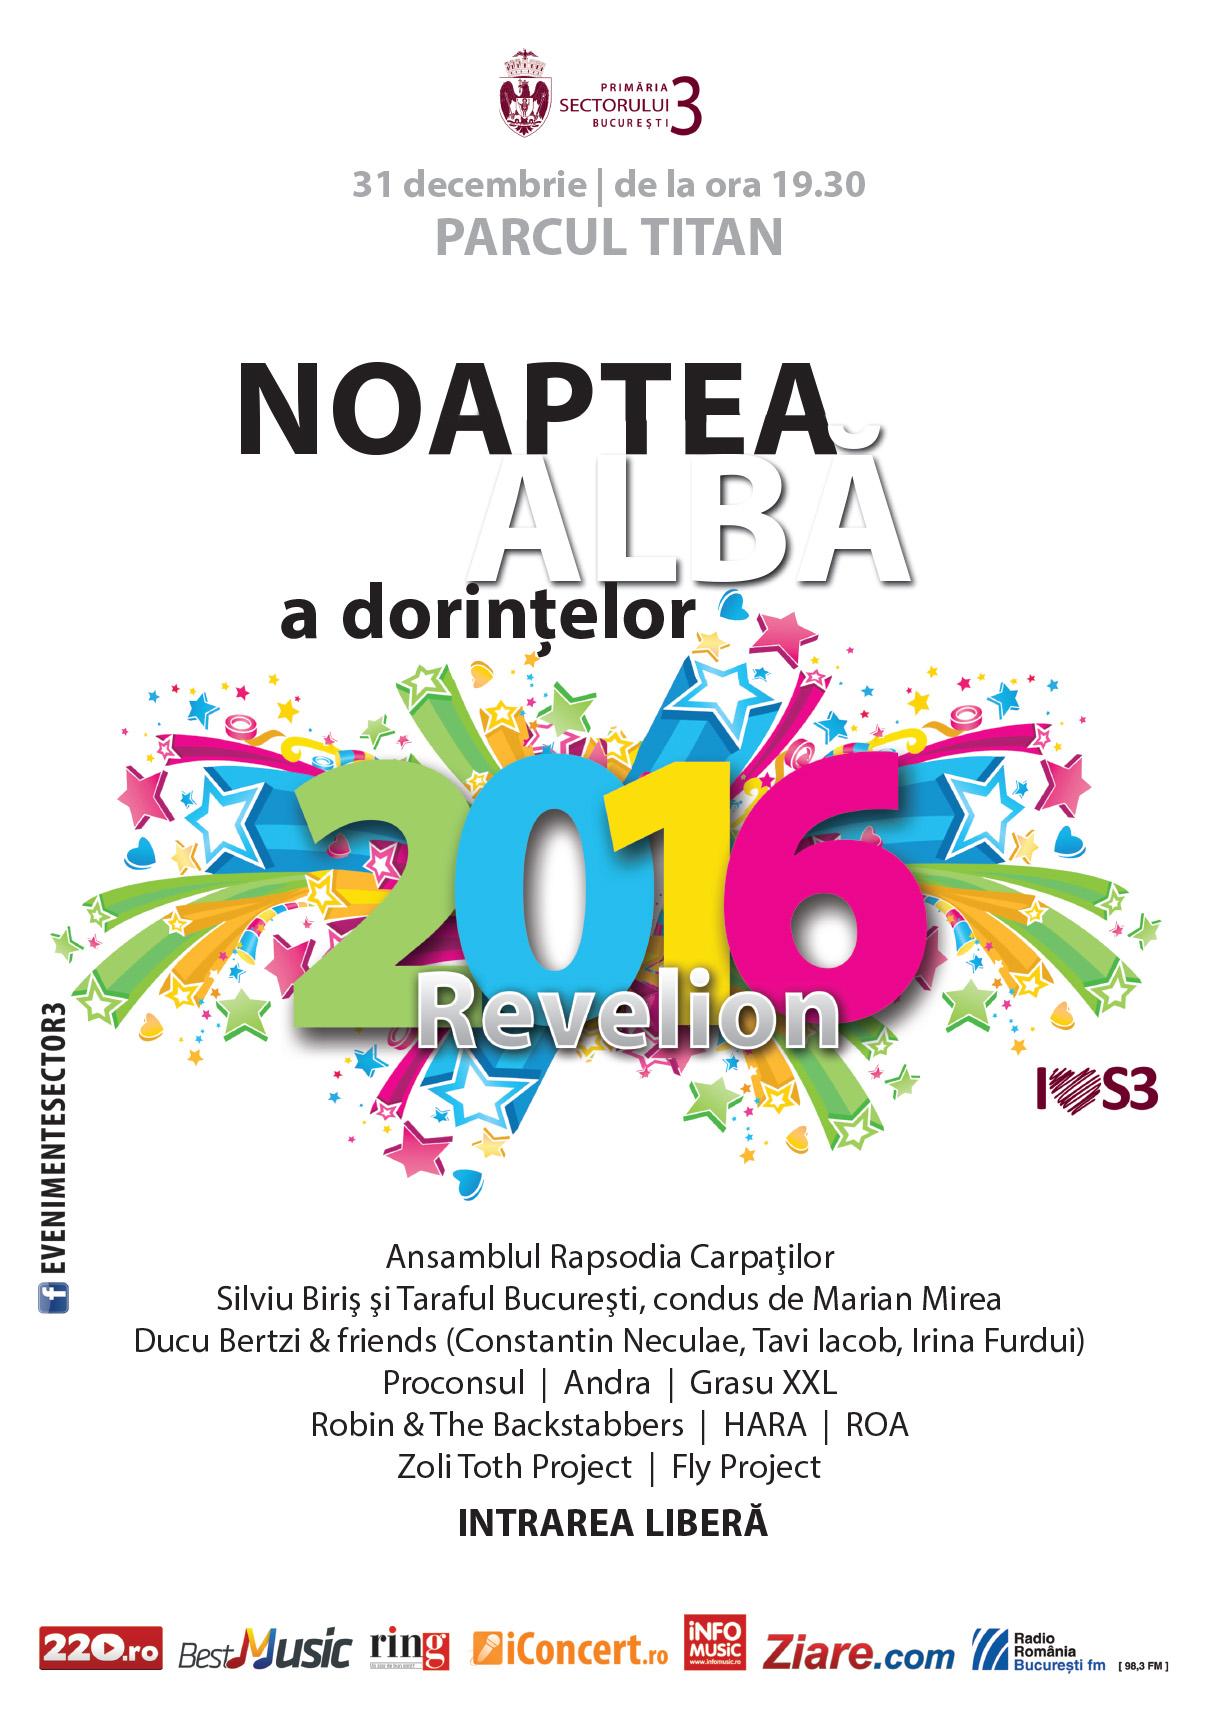 Afiş Revelion 2016 în Parcul Titan